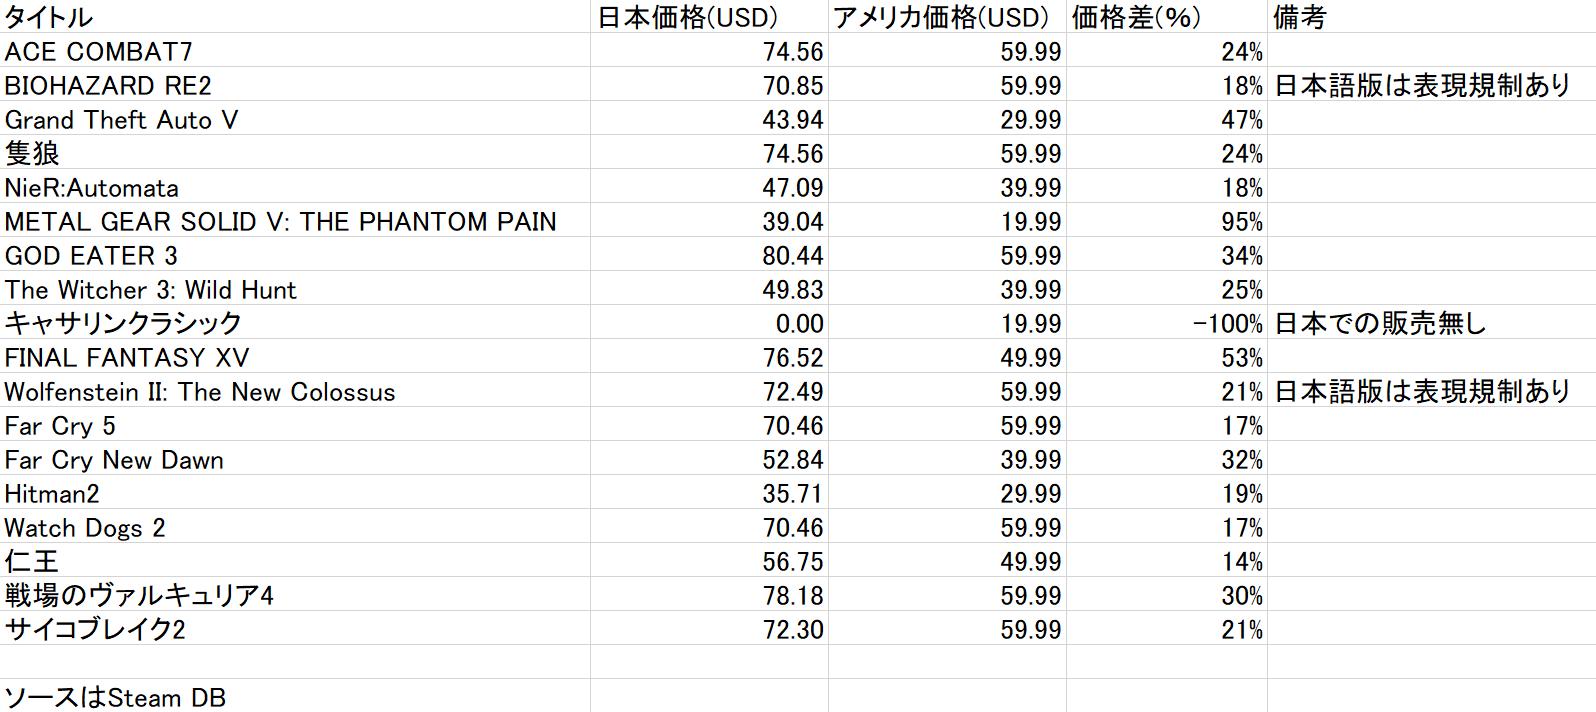 qzaxHew - スクエニ「うーん日本向けのFF7動画か……今回もやっばり」